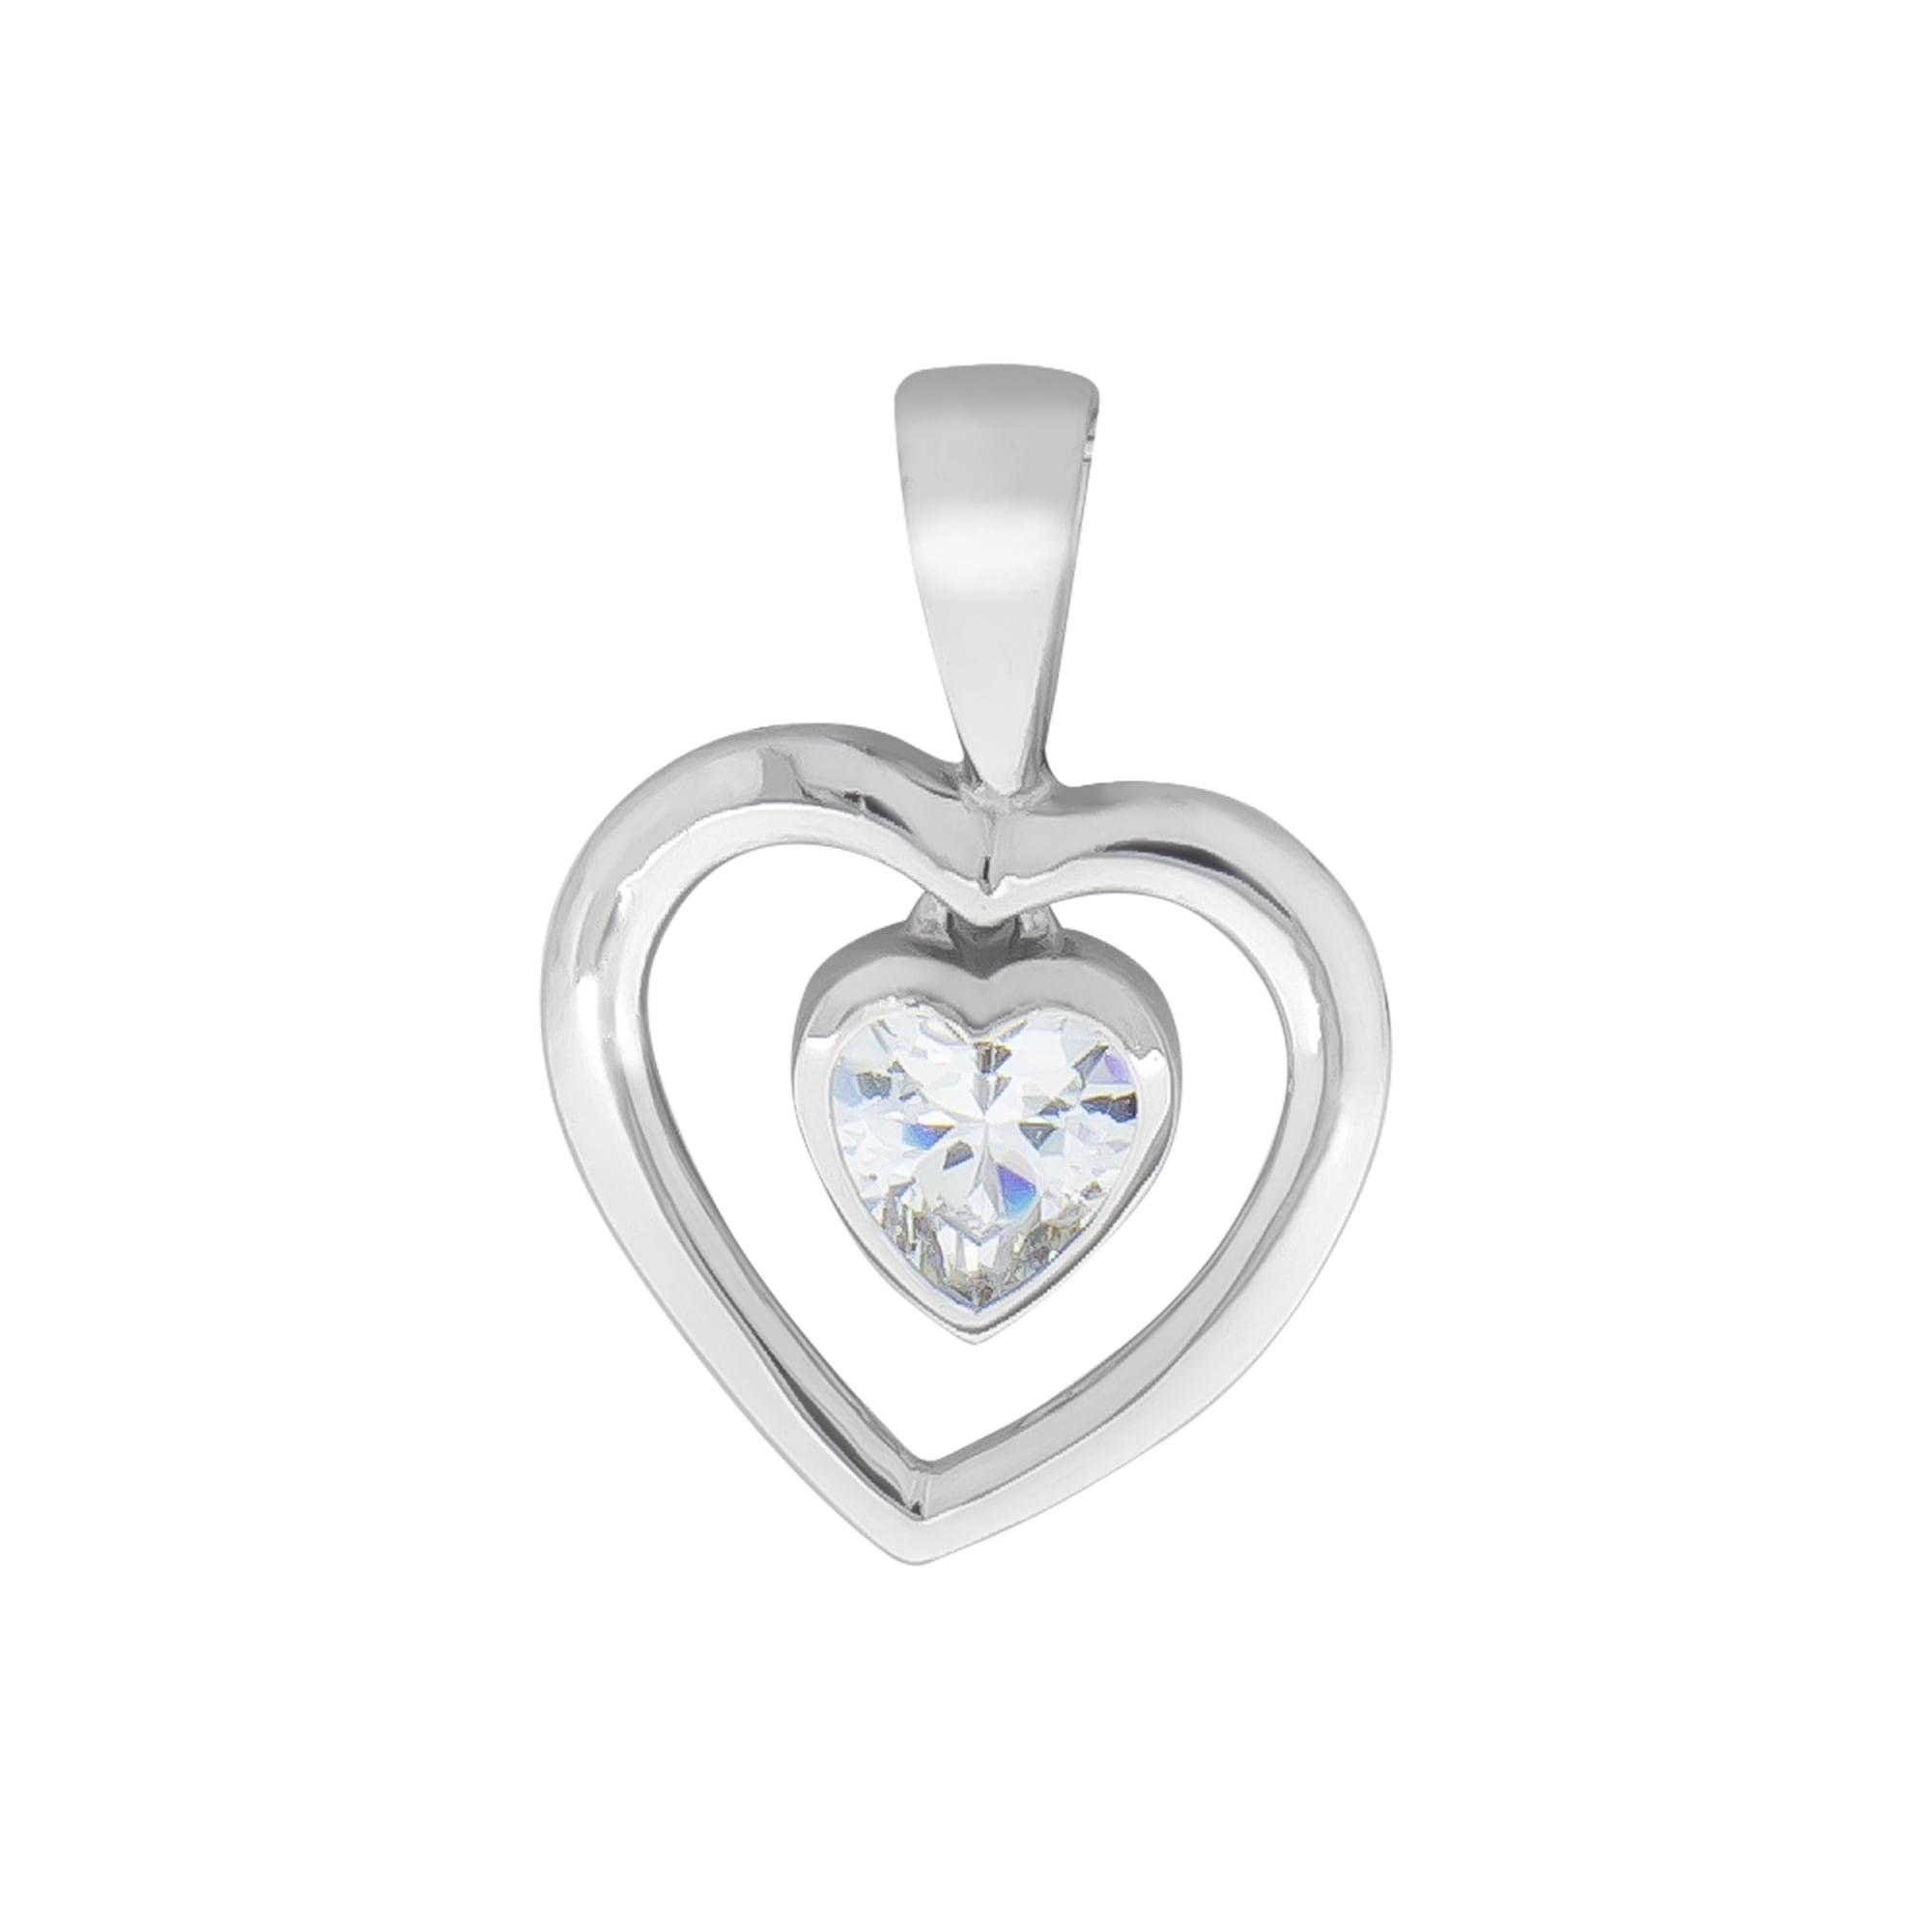 vivance -  Herzanhänger 925 Silber rhodiniert mit Zirkonia, mit Geschenketui